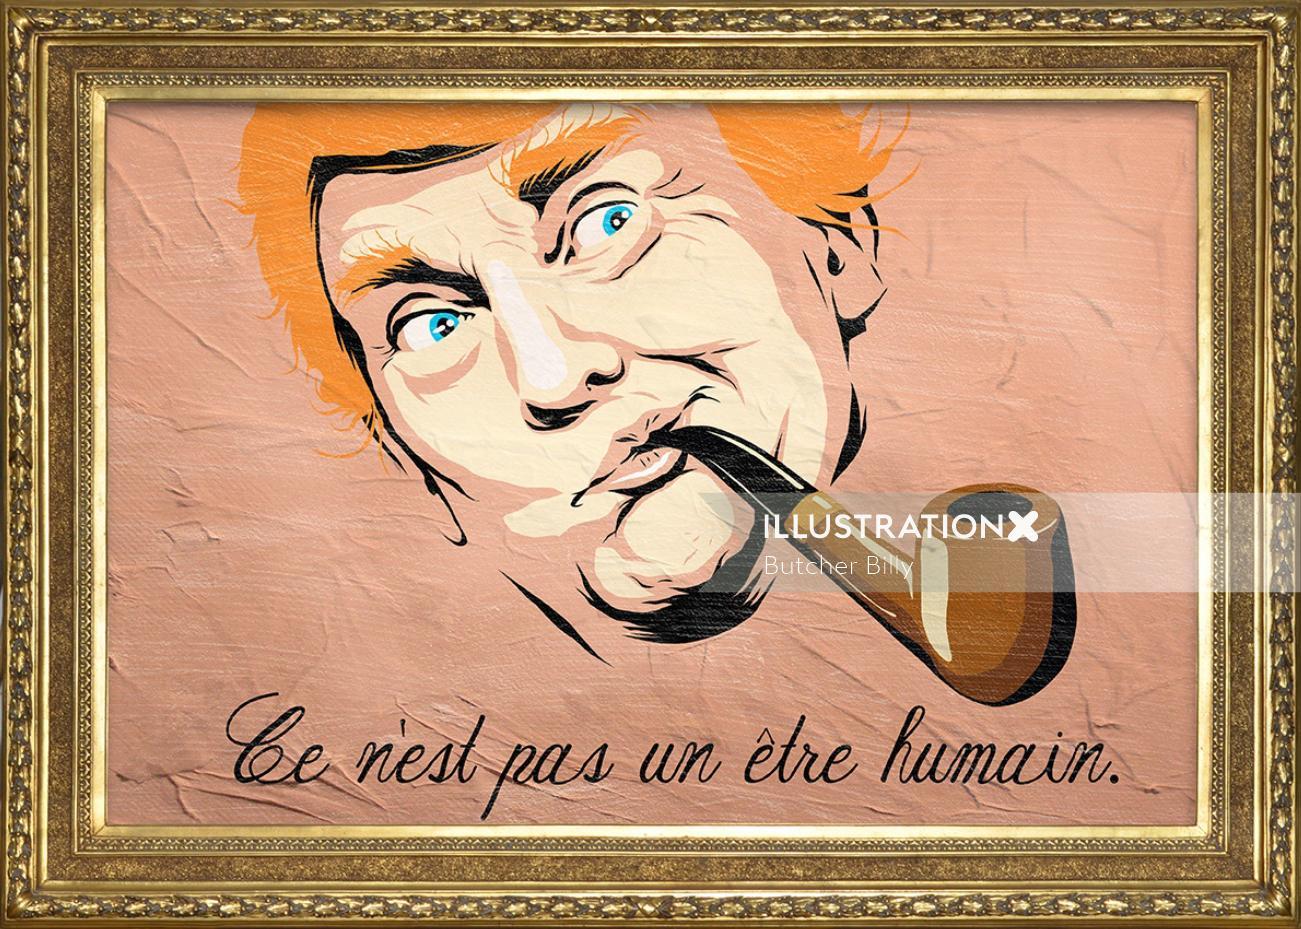 Donald Trump with smoking pipe